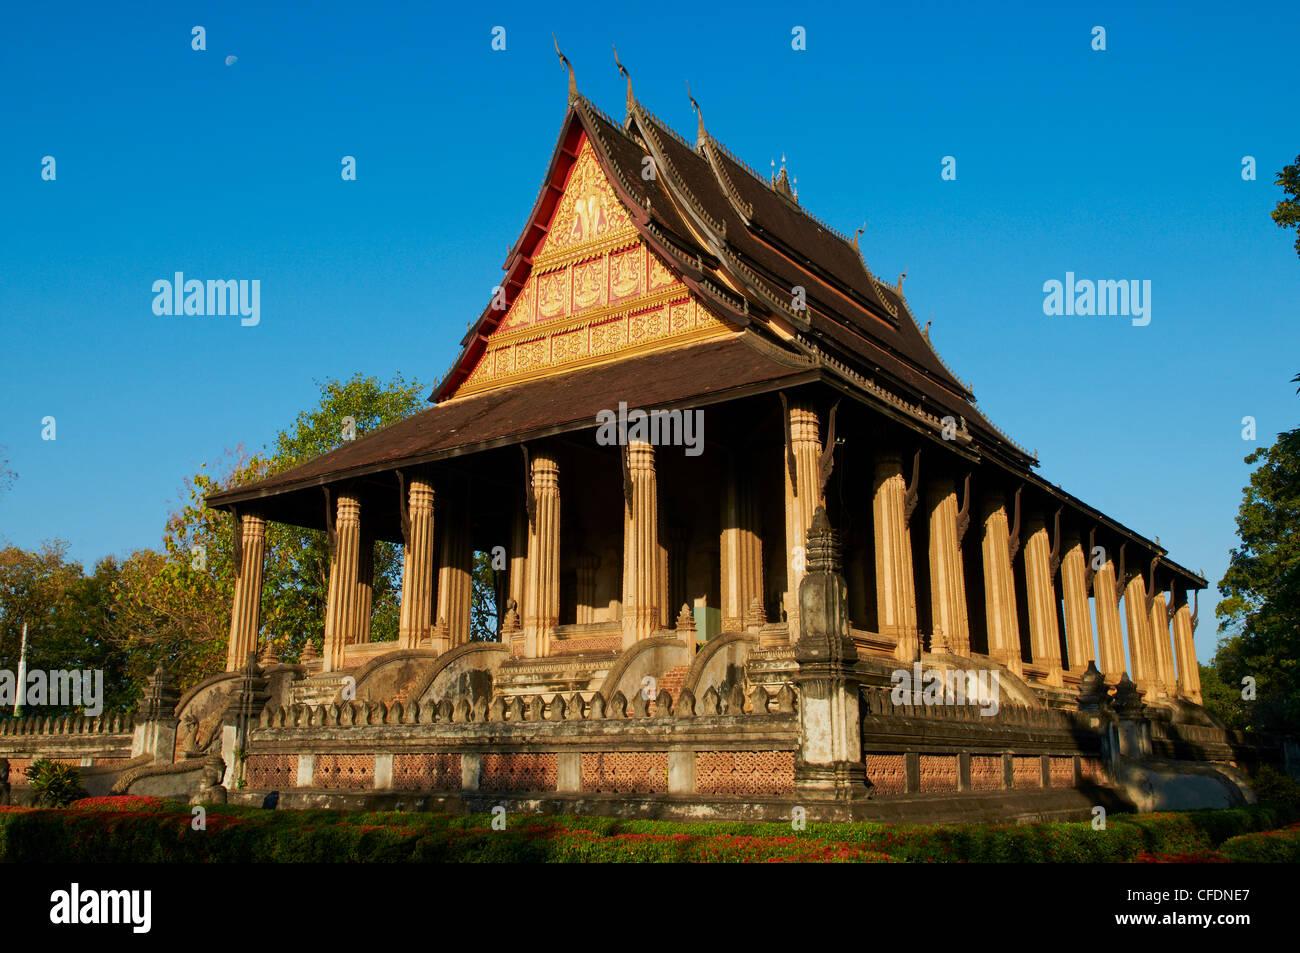 Haw Pha Kaeo tempio risalente al 1565, ora Museo Nazionale di Arte Religiosa, Vientiane, Laos, Indocina, Asia sud Immagini Stock